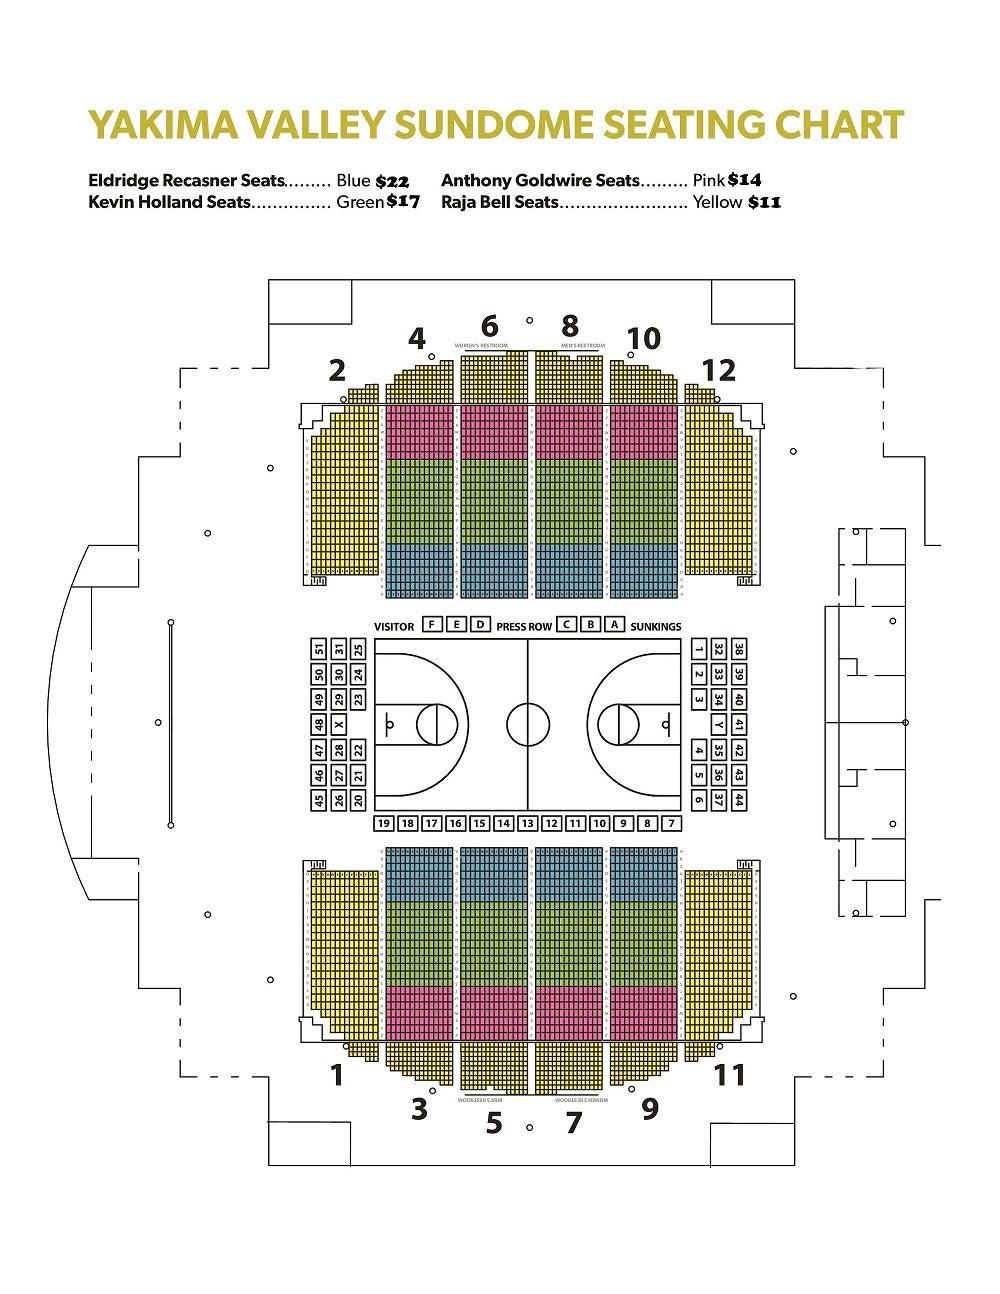 Yakima Sunkings Basketball Ticketswest